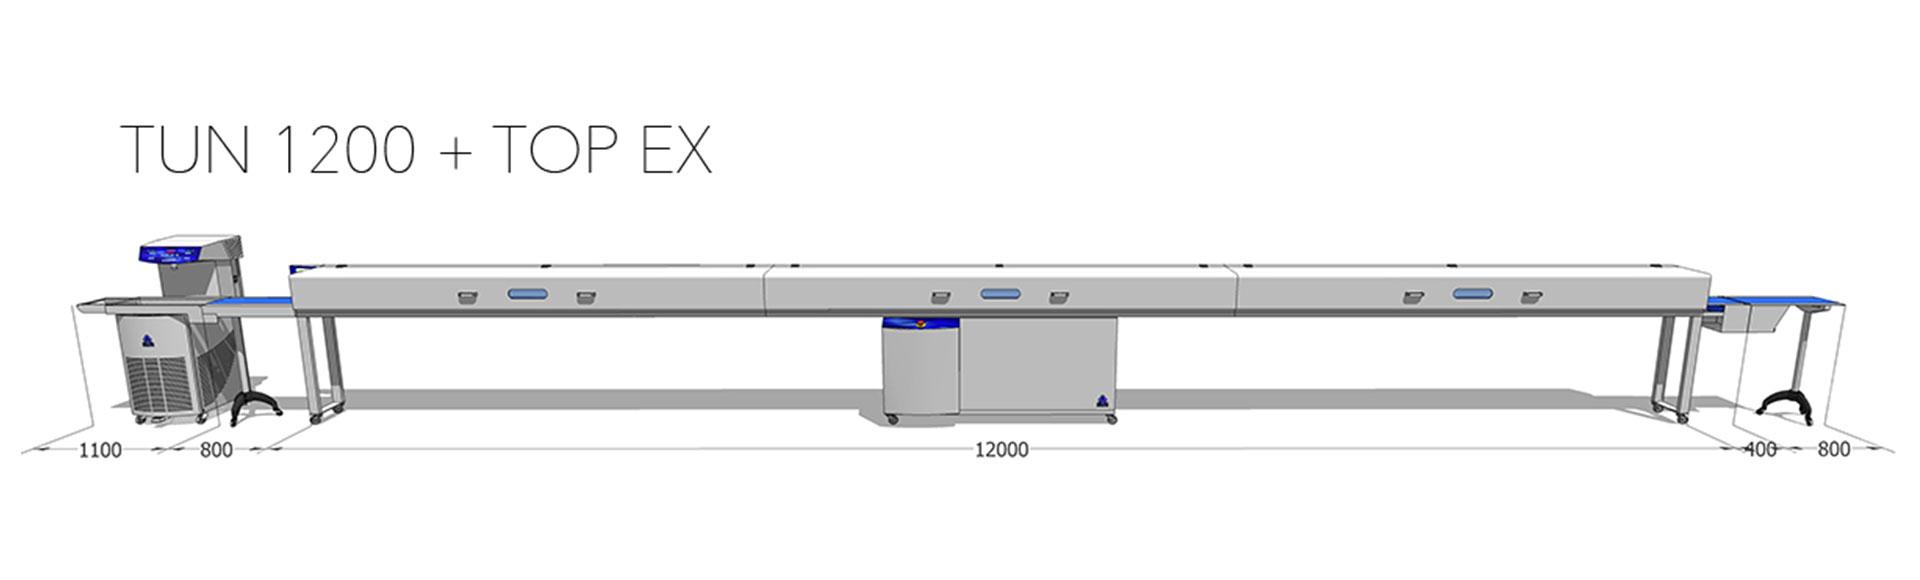 Tunel chłodniczy 400 mm / 12 m z temperówką do czekolady Top EX